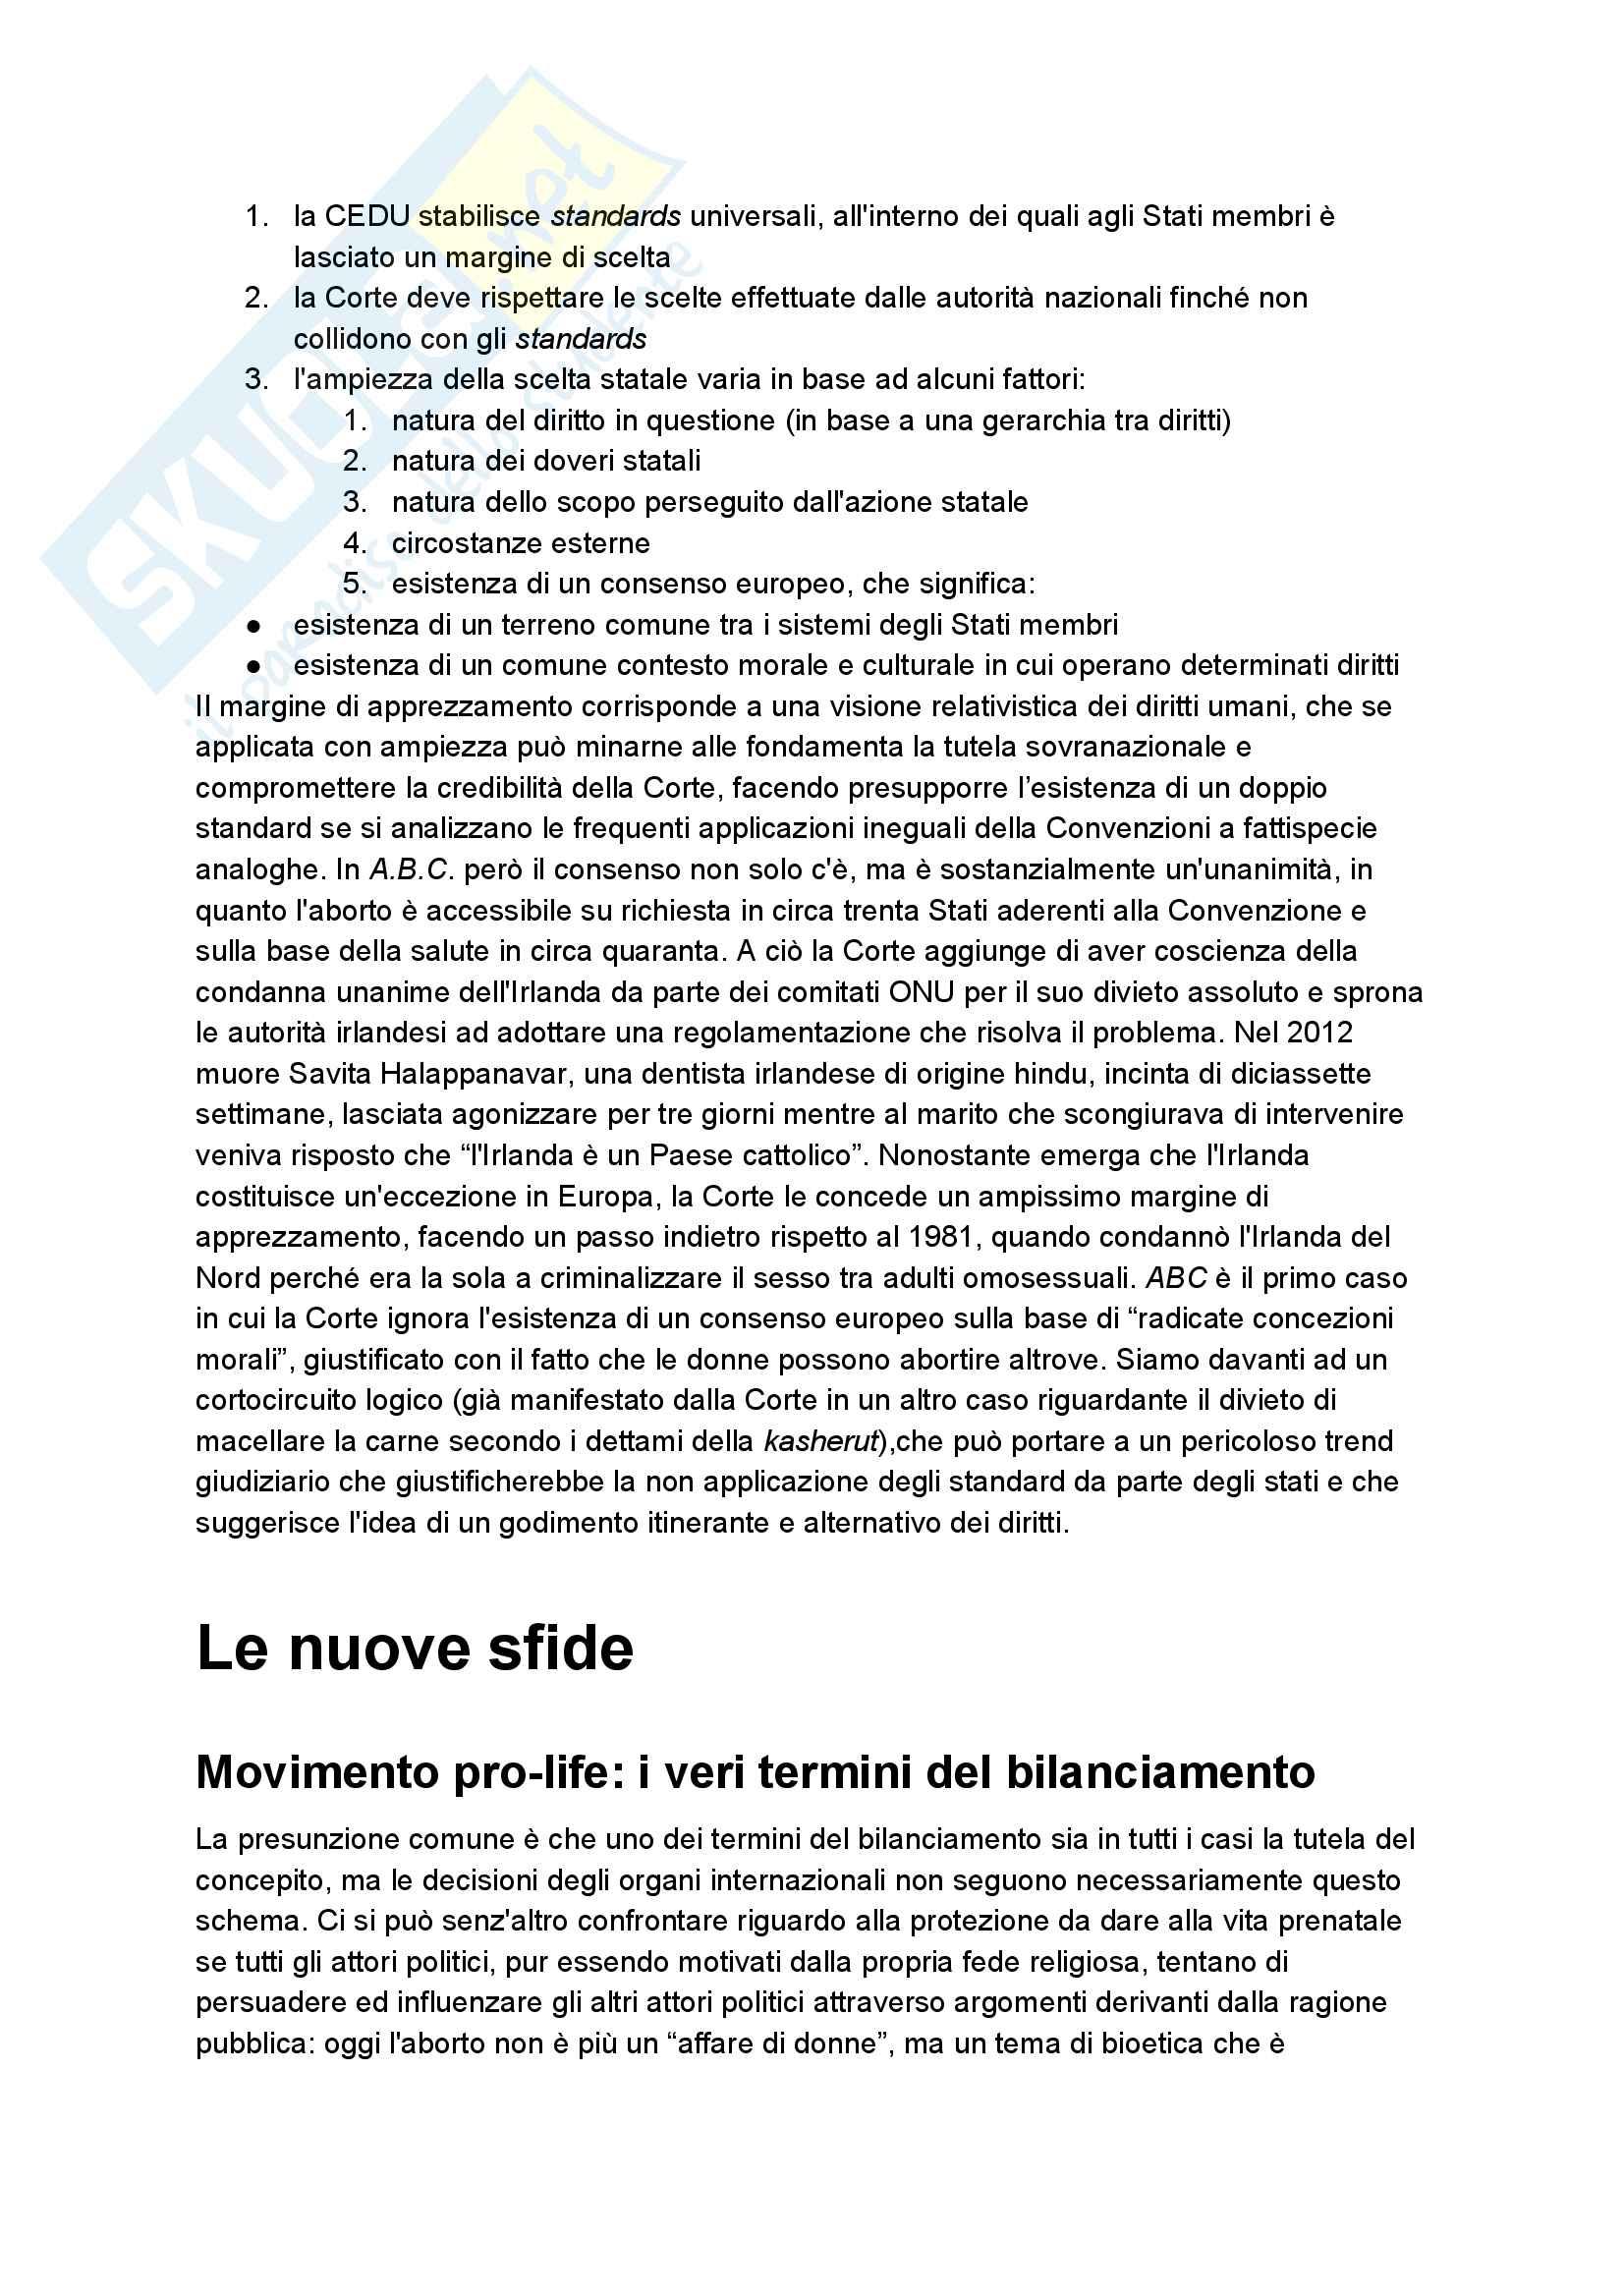 Riassunto esame diritto pubblico comparato, professoressa Mancini, tema dell'aborto Pag. 16